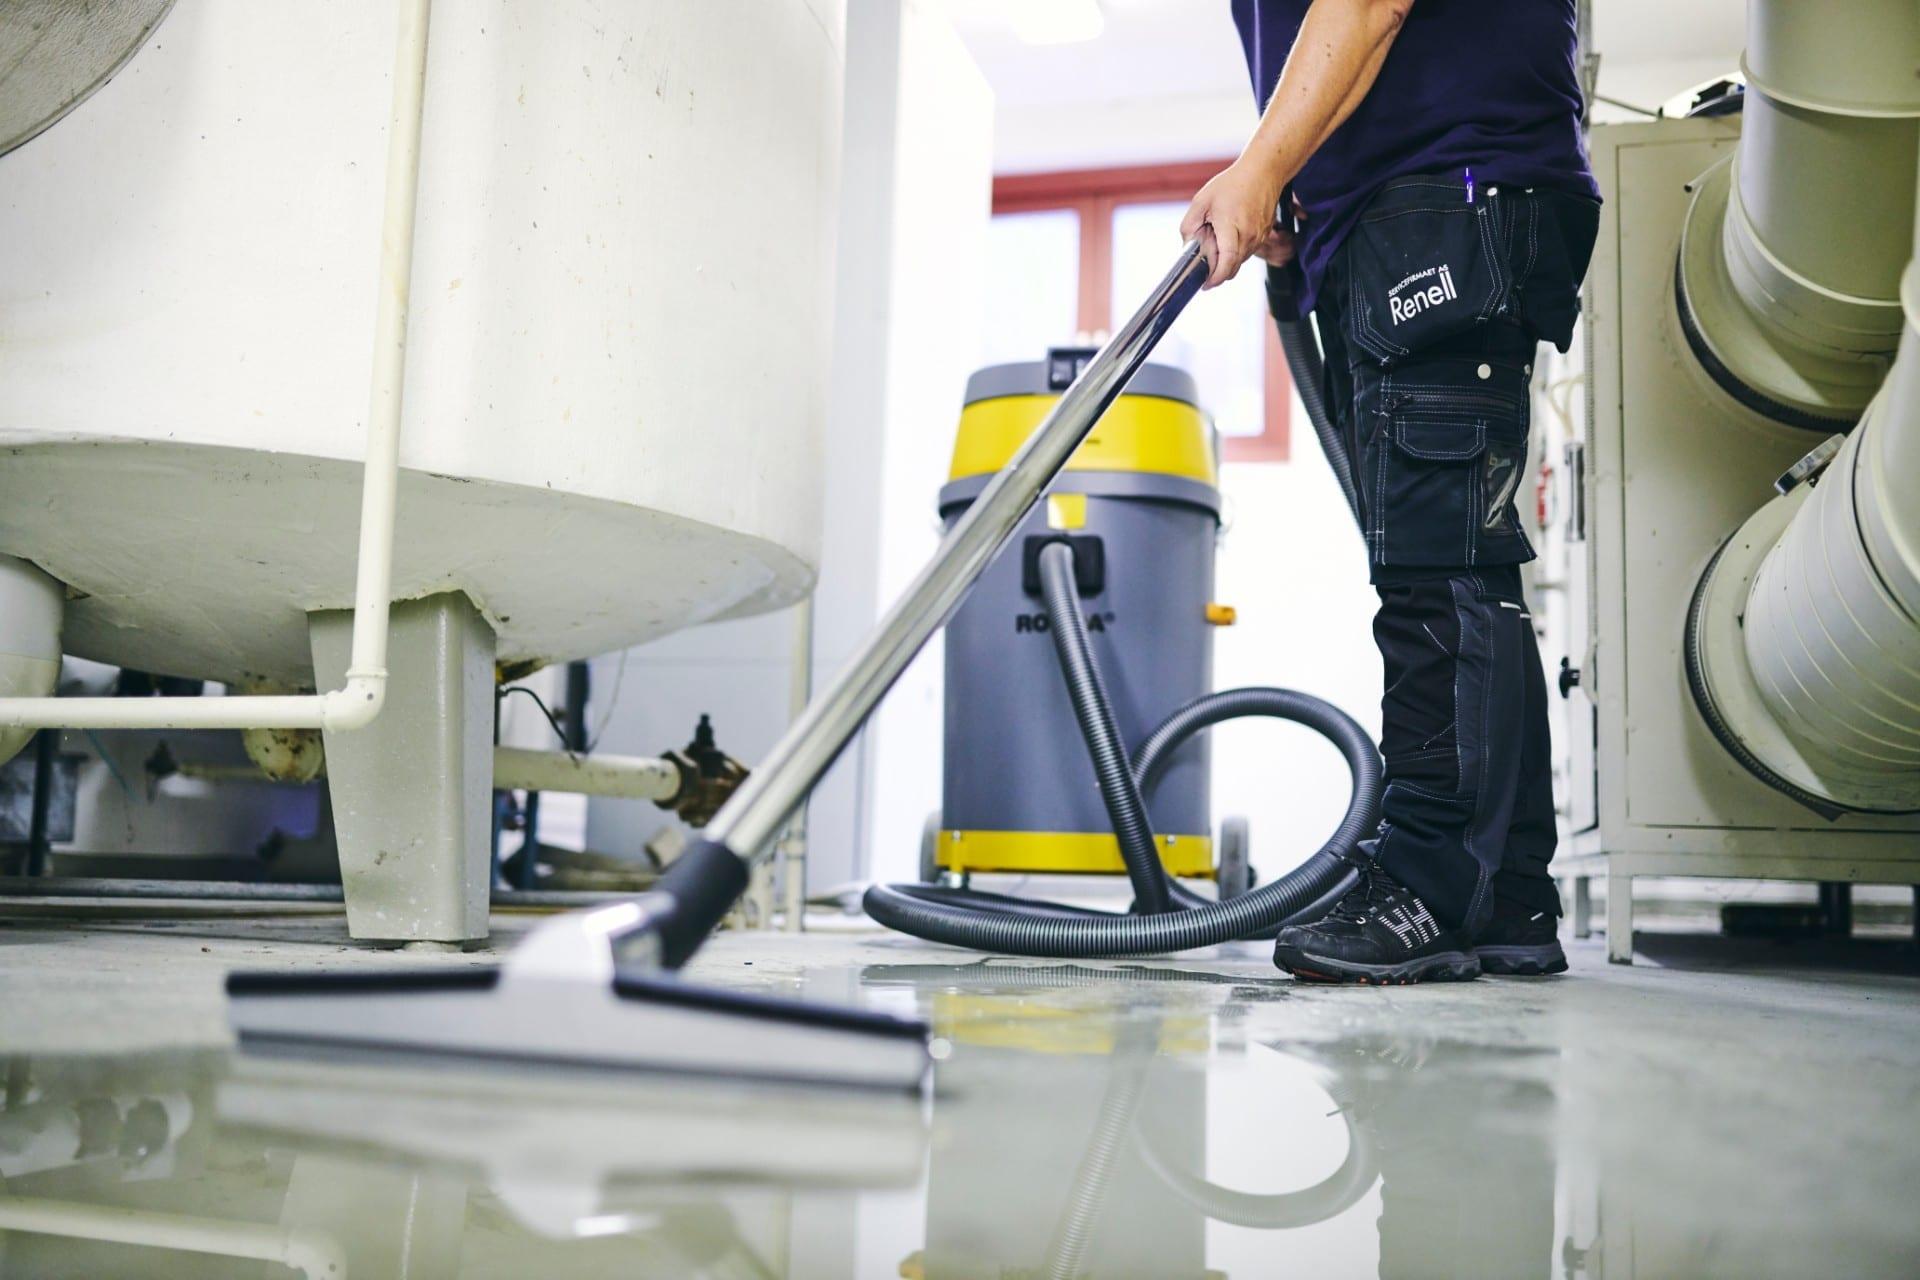 Renell-medarbejder bruger vandstøvsuger til at fjerne vand fra kældergulv